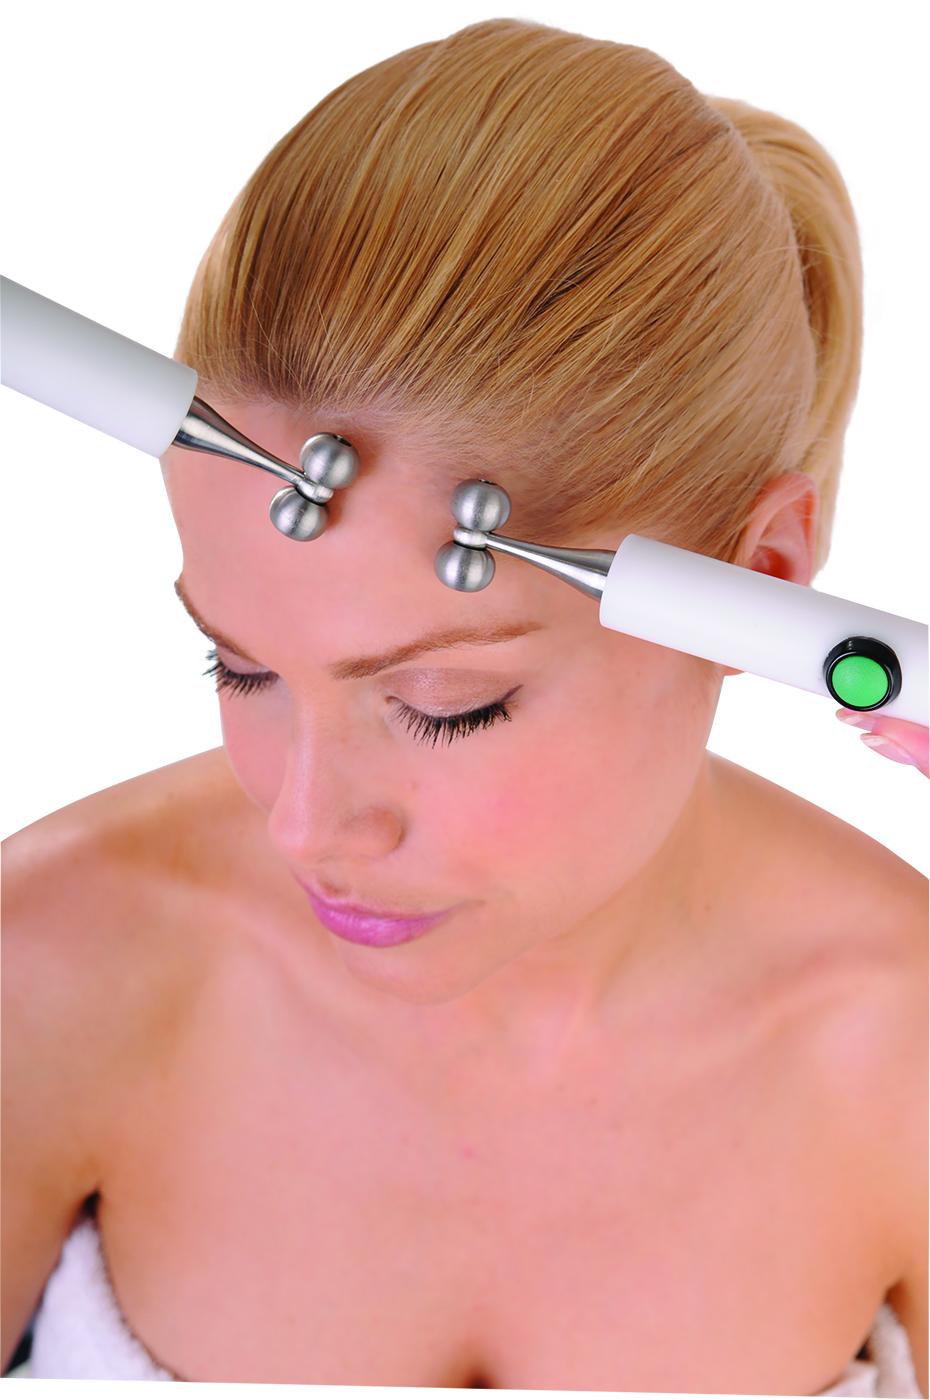 caci non surgical face lift loughborough, leicester